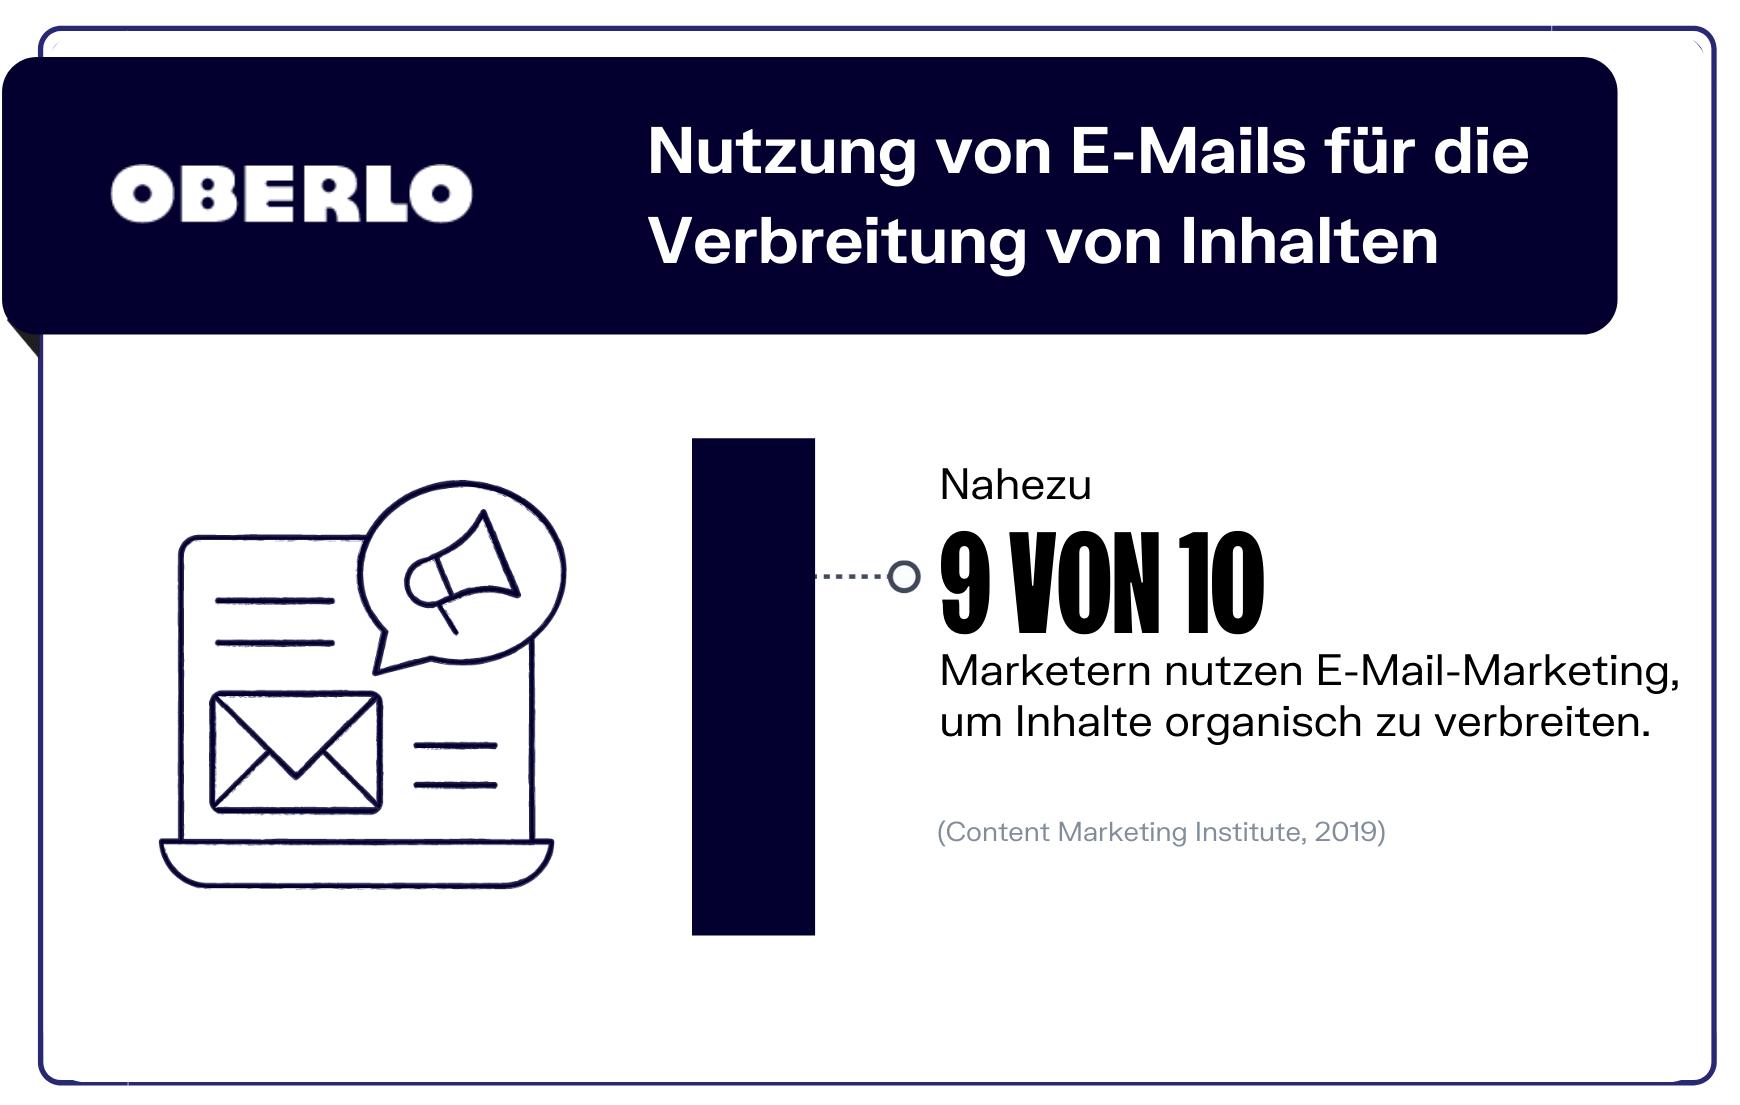 E-Mails zur Verbreitung von Inhalten